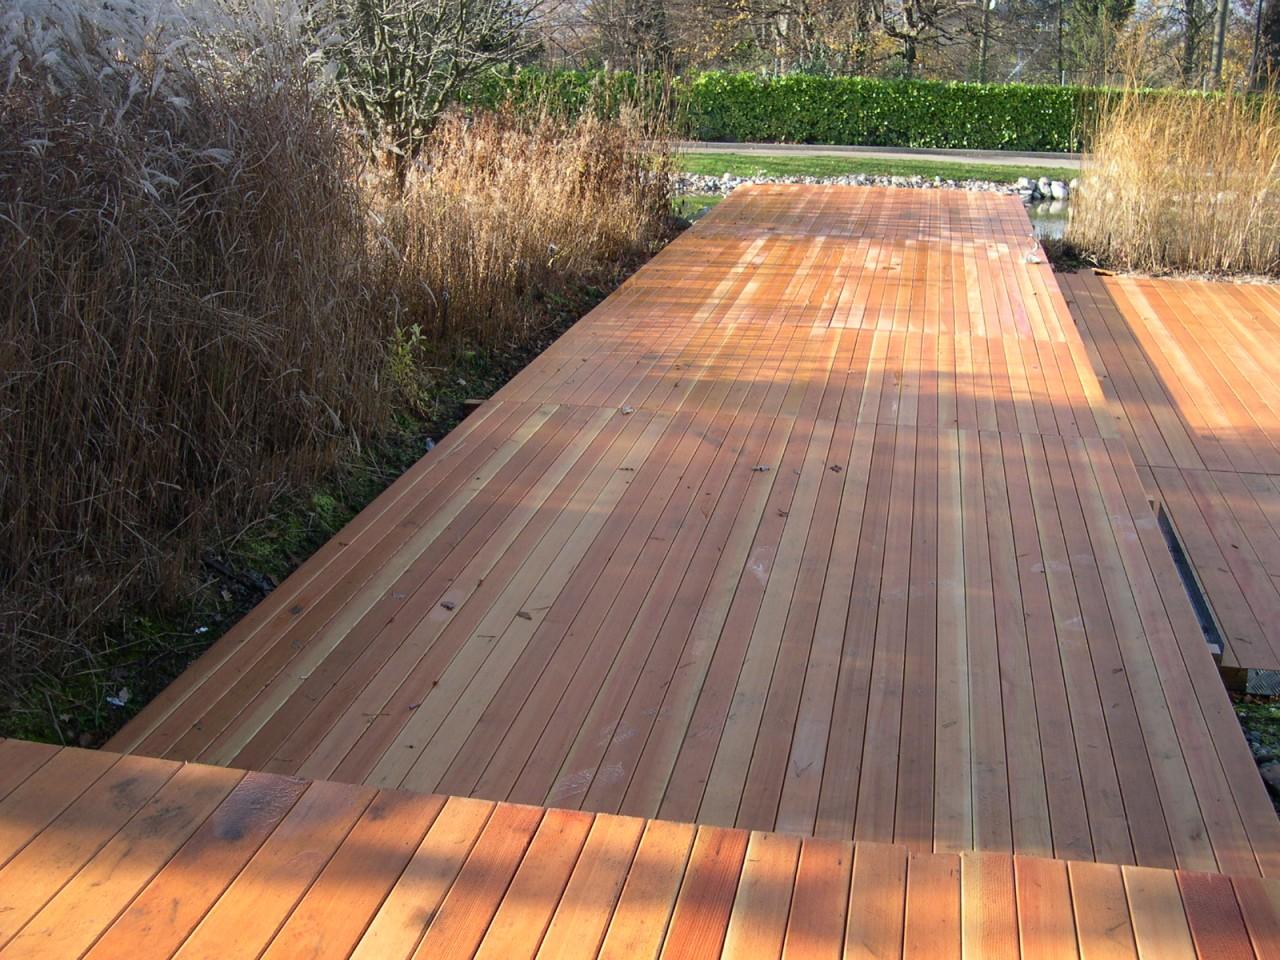 Magnifique terrasse en bois naturel